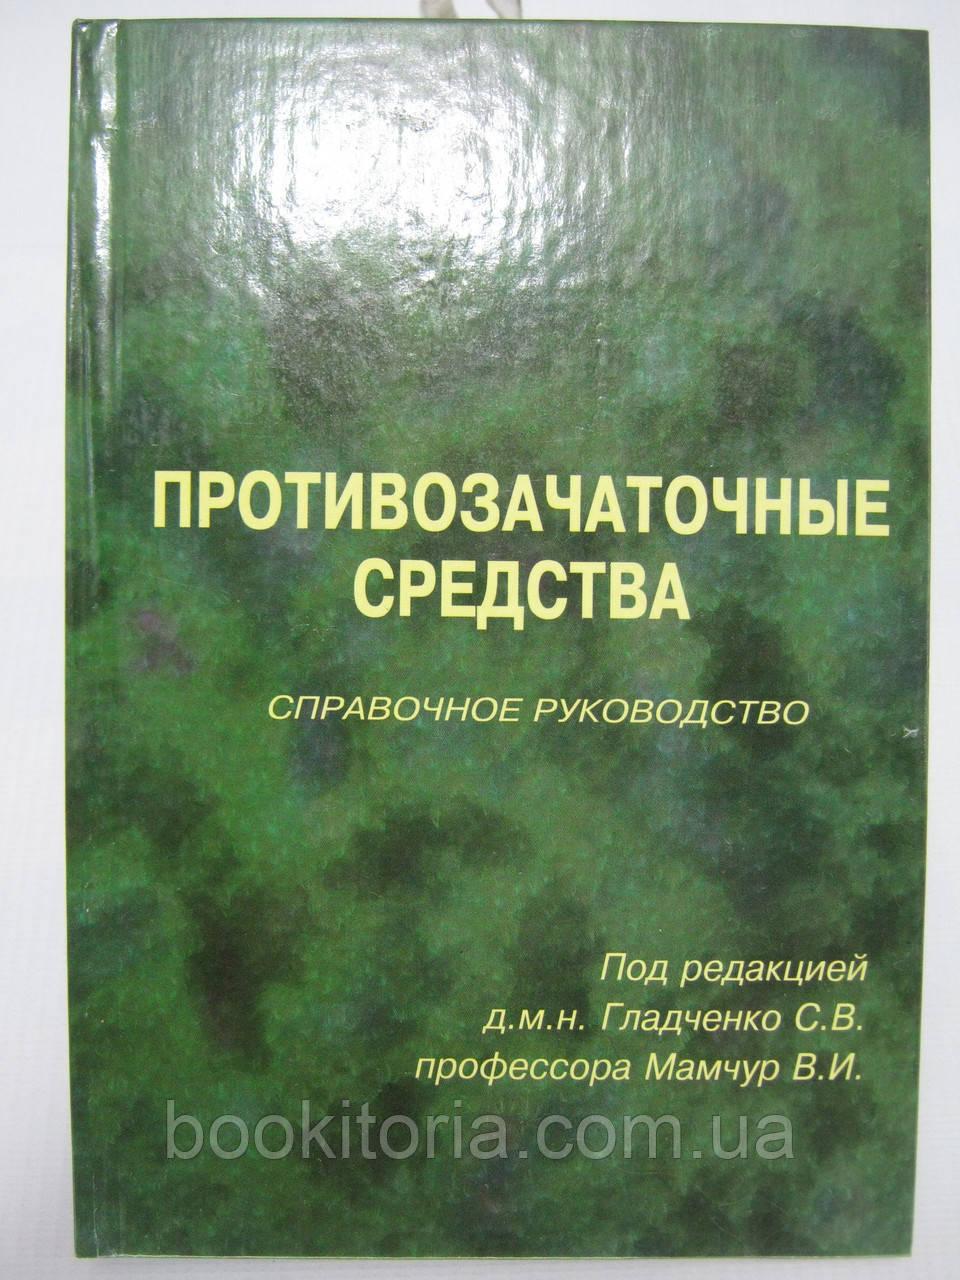 Гладченко С.В. и др. Противозачаточные средства (б/у).